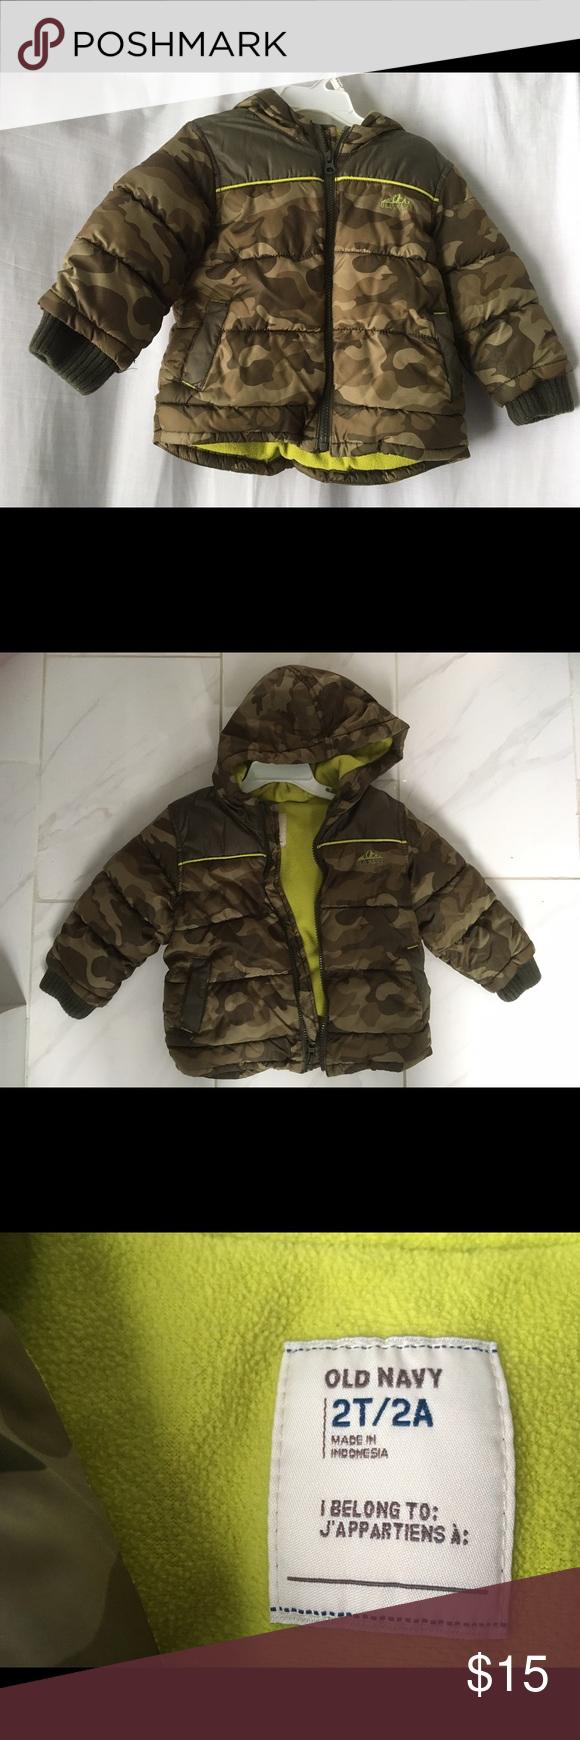 Camo Puffer Jacket Camo Puffer Jacket Puffer Jackets Jackets [ 1740 x 580 Pixel ]